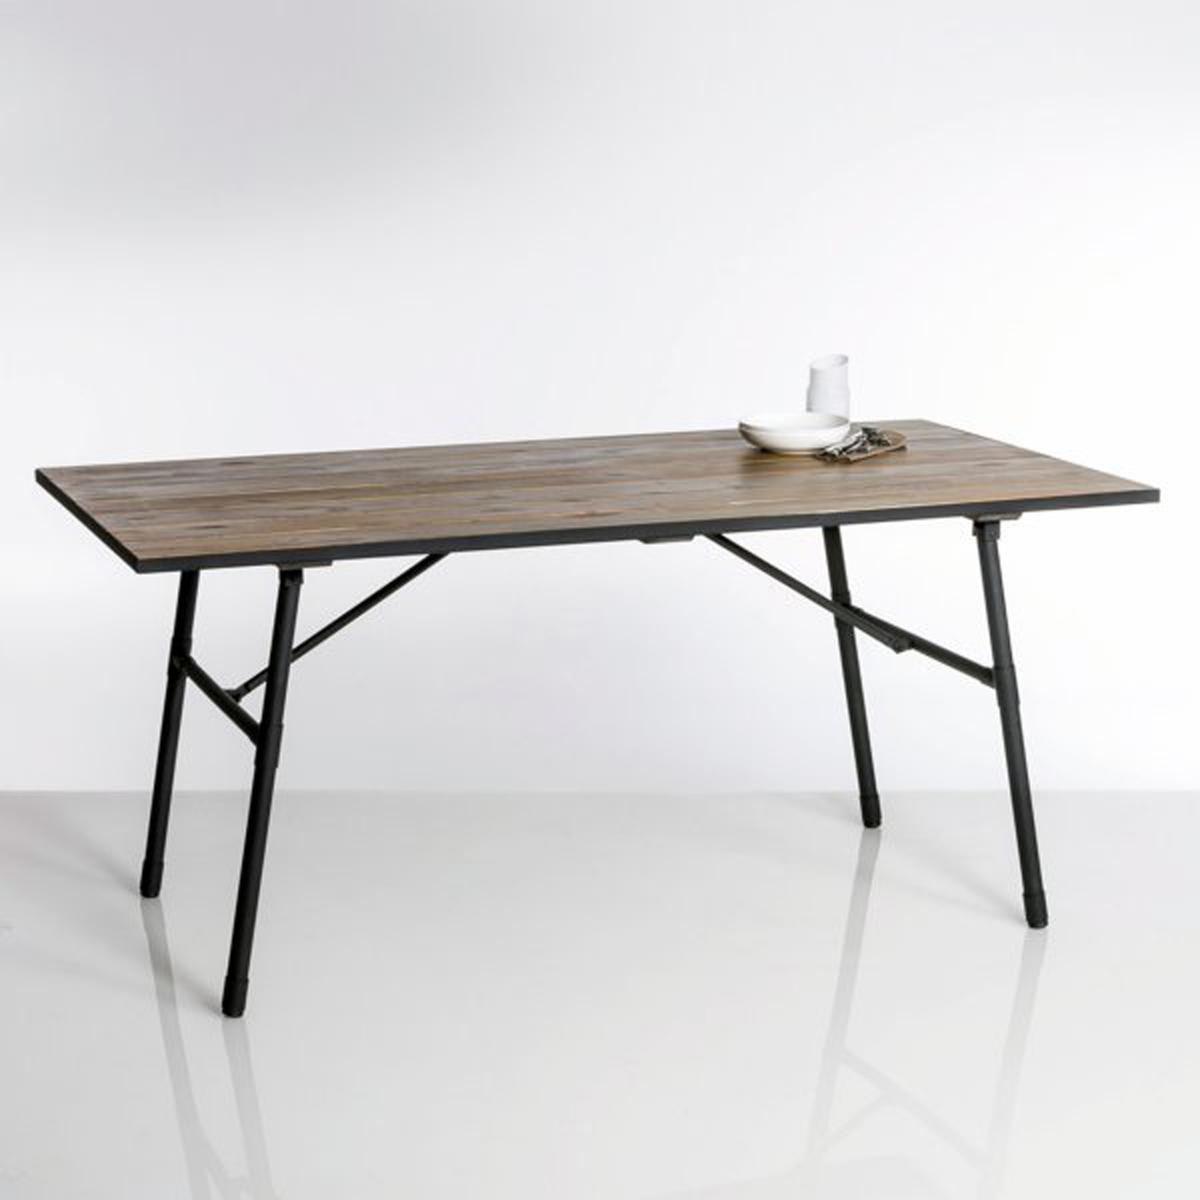 Садовый стол складной из дерева и металла Sohan